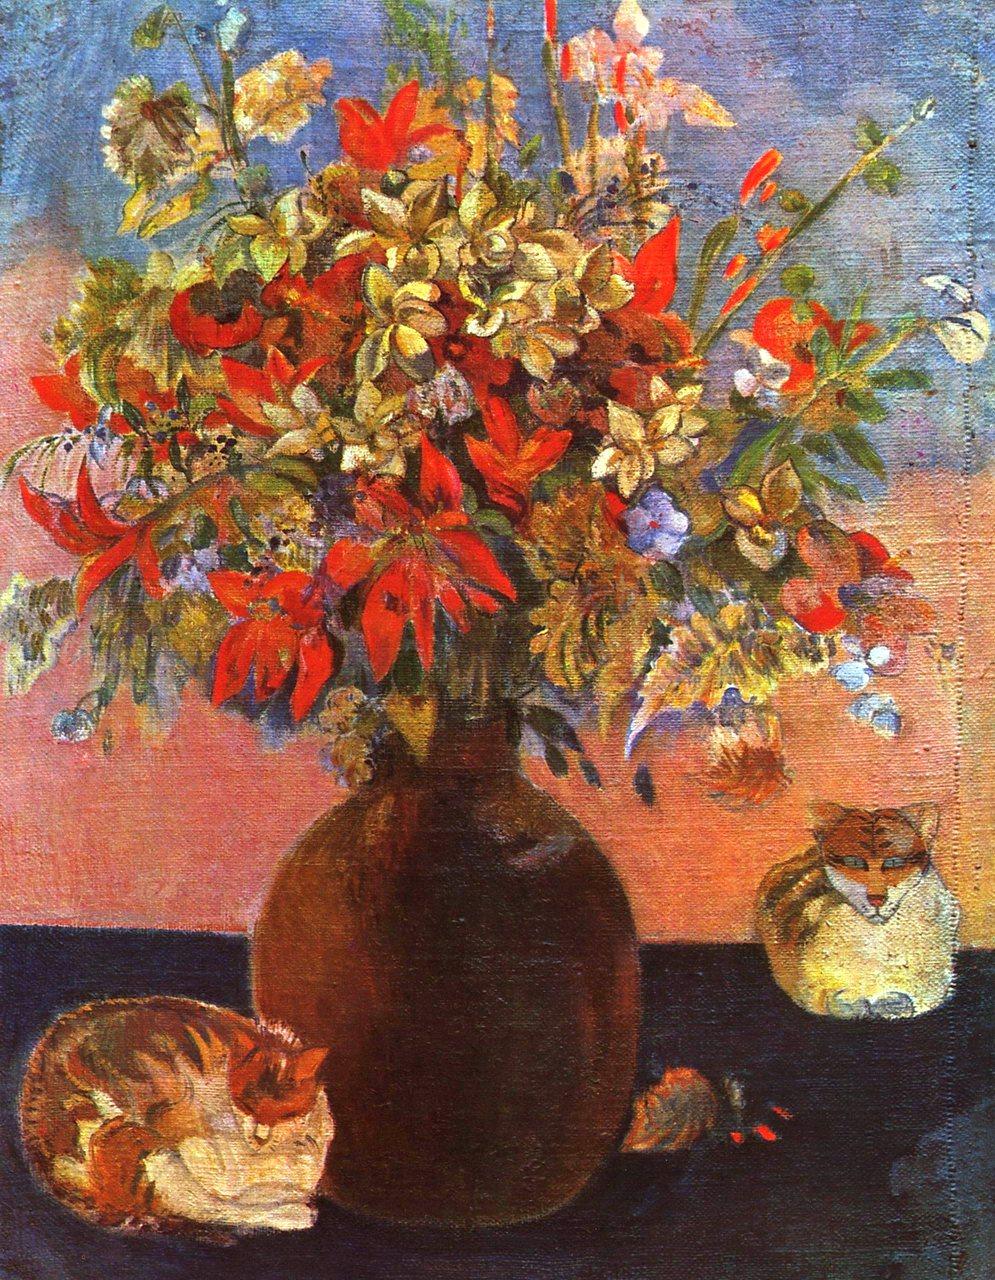 натюрморт < Цветы и кошки > :: Поль Гоген - Гоген Поль ( Paul Gauguin ) фото